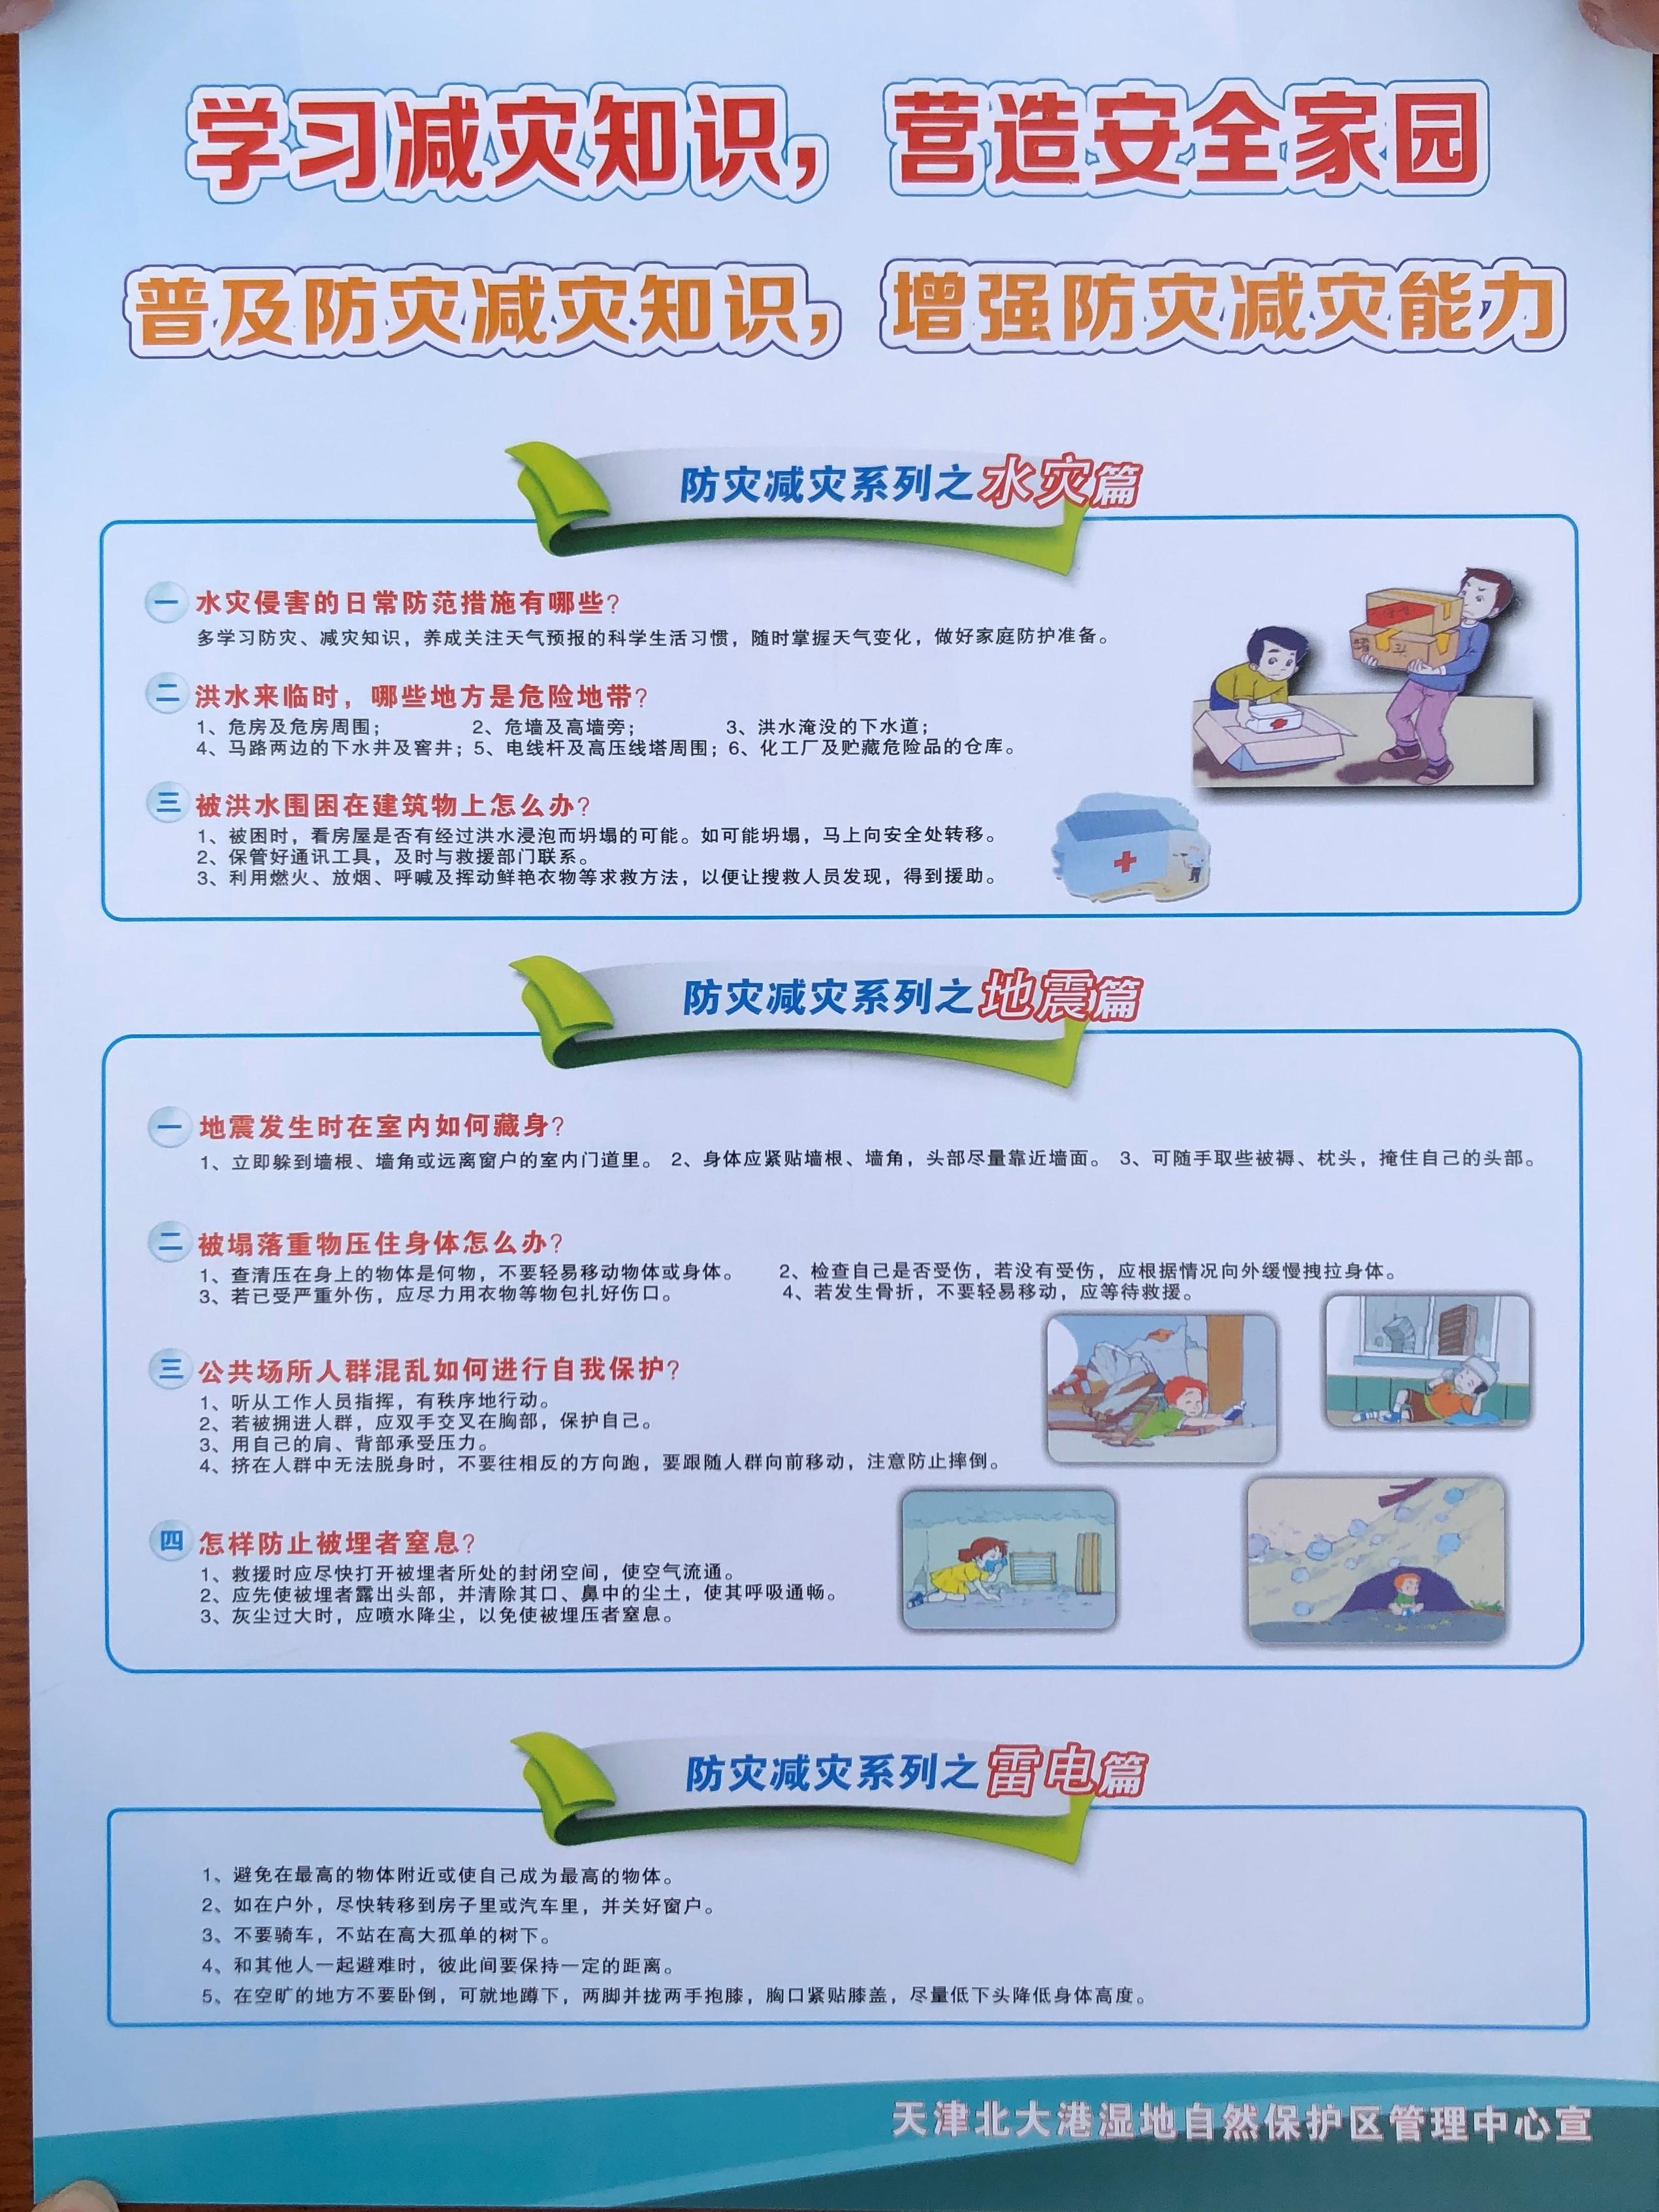 湿地管理中心开展防灾减灾主题宣传活动 工作动态 天津北大港湿地管理